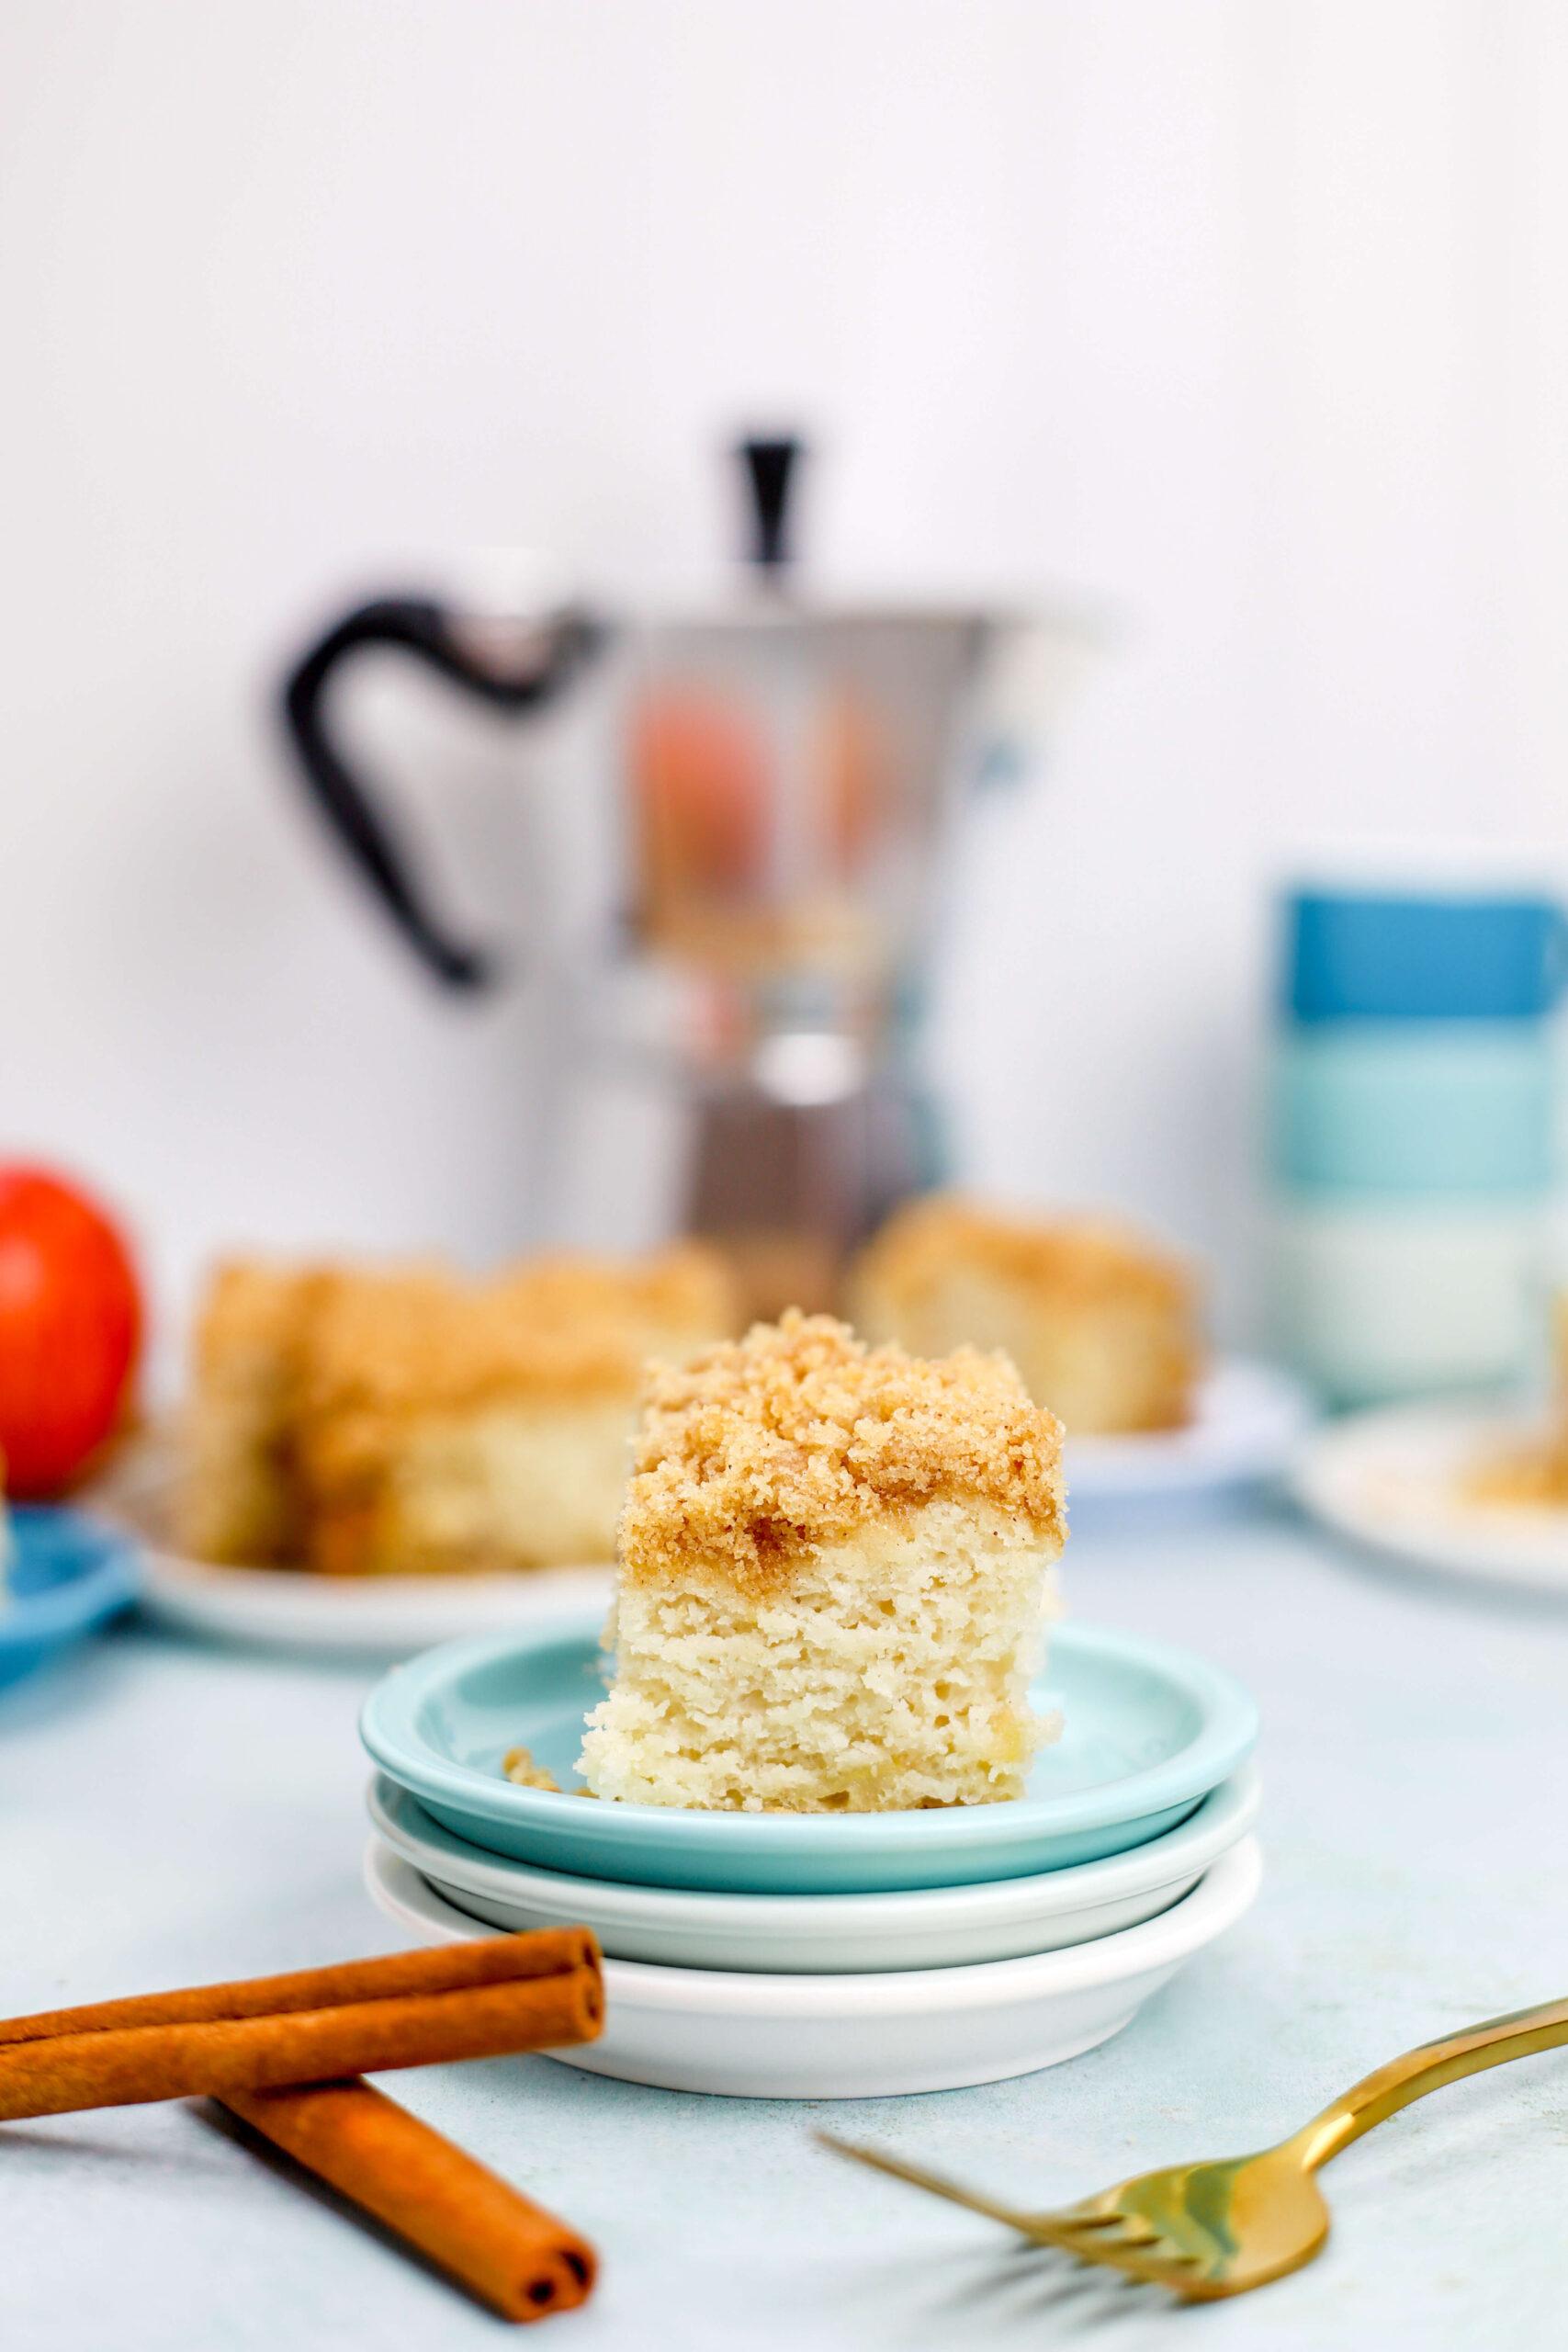 Kate's-Safe-&-Sweet---Cinnamon-Cake Cut Slice on Plate